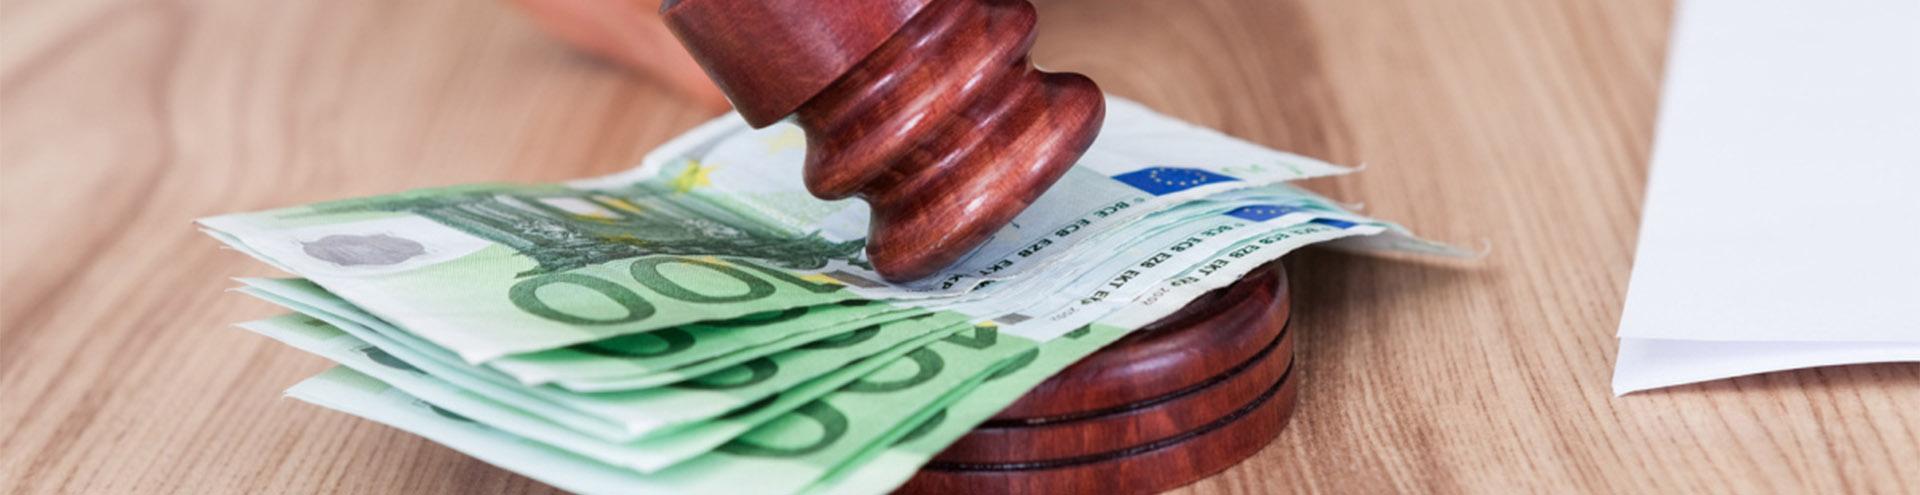 судебные расходы в Калуге